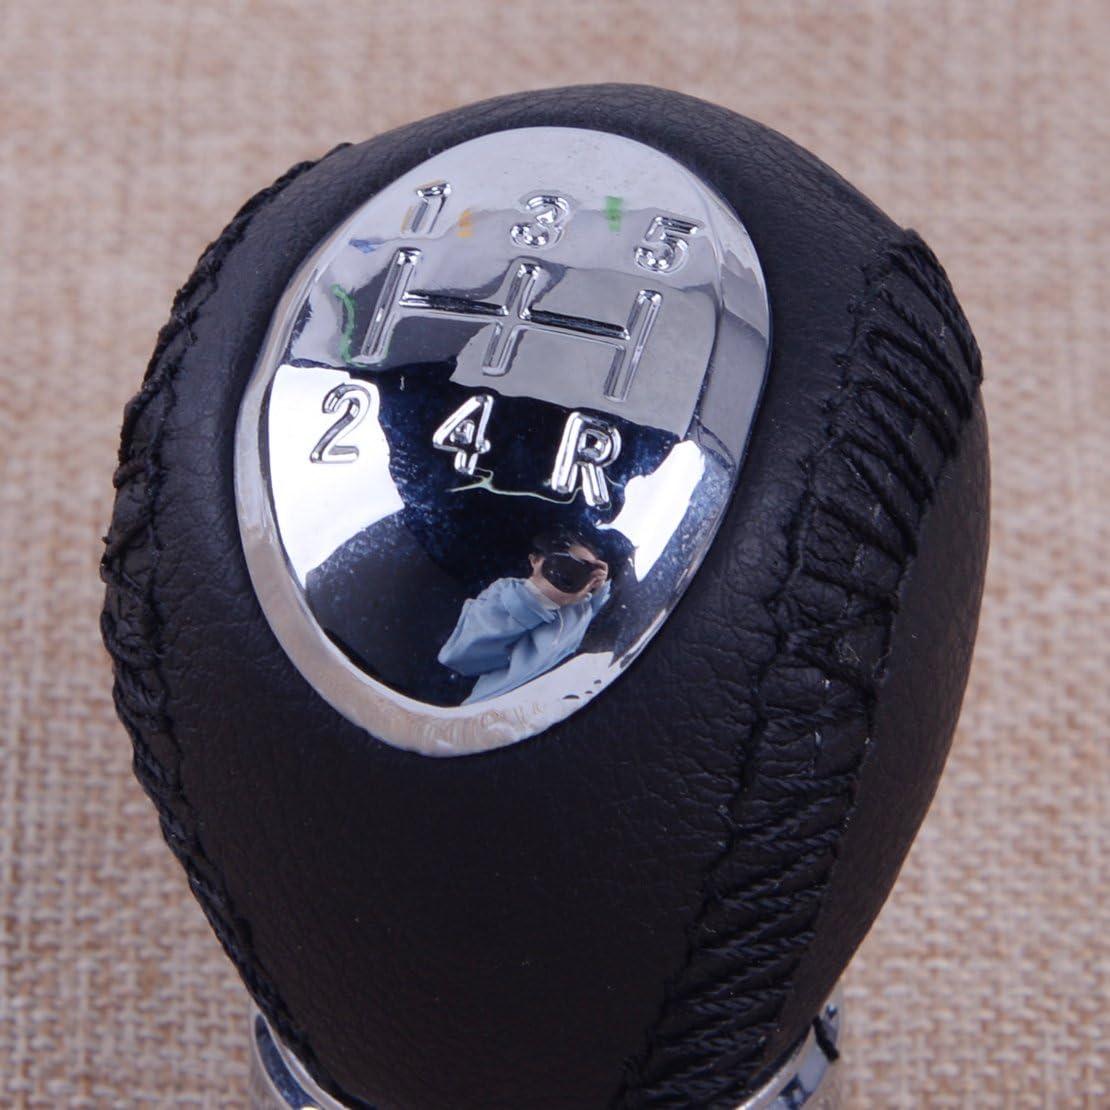 Seulement la t/ête de bouton de changement de vitesse, la botte nest pas incluse CITALL Bouton de changement de vitesse /à 6 vitesses de Mazda 3 5 6 323 626 RX-8 MPV